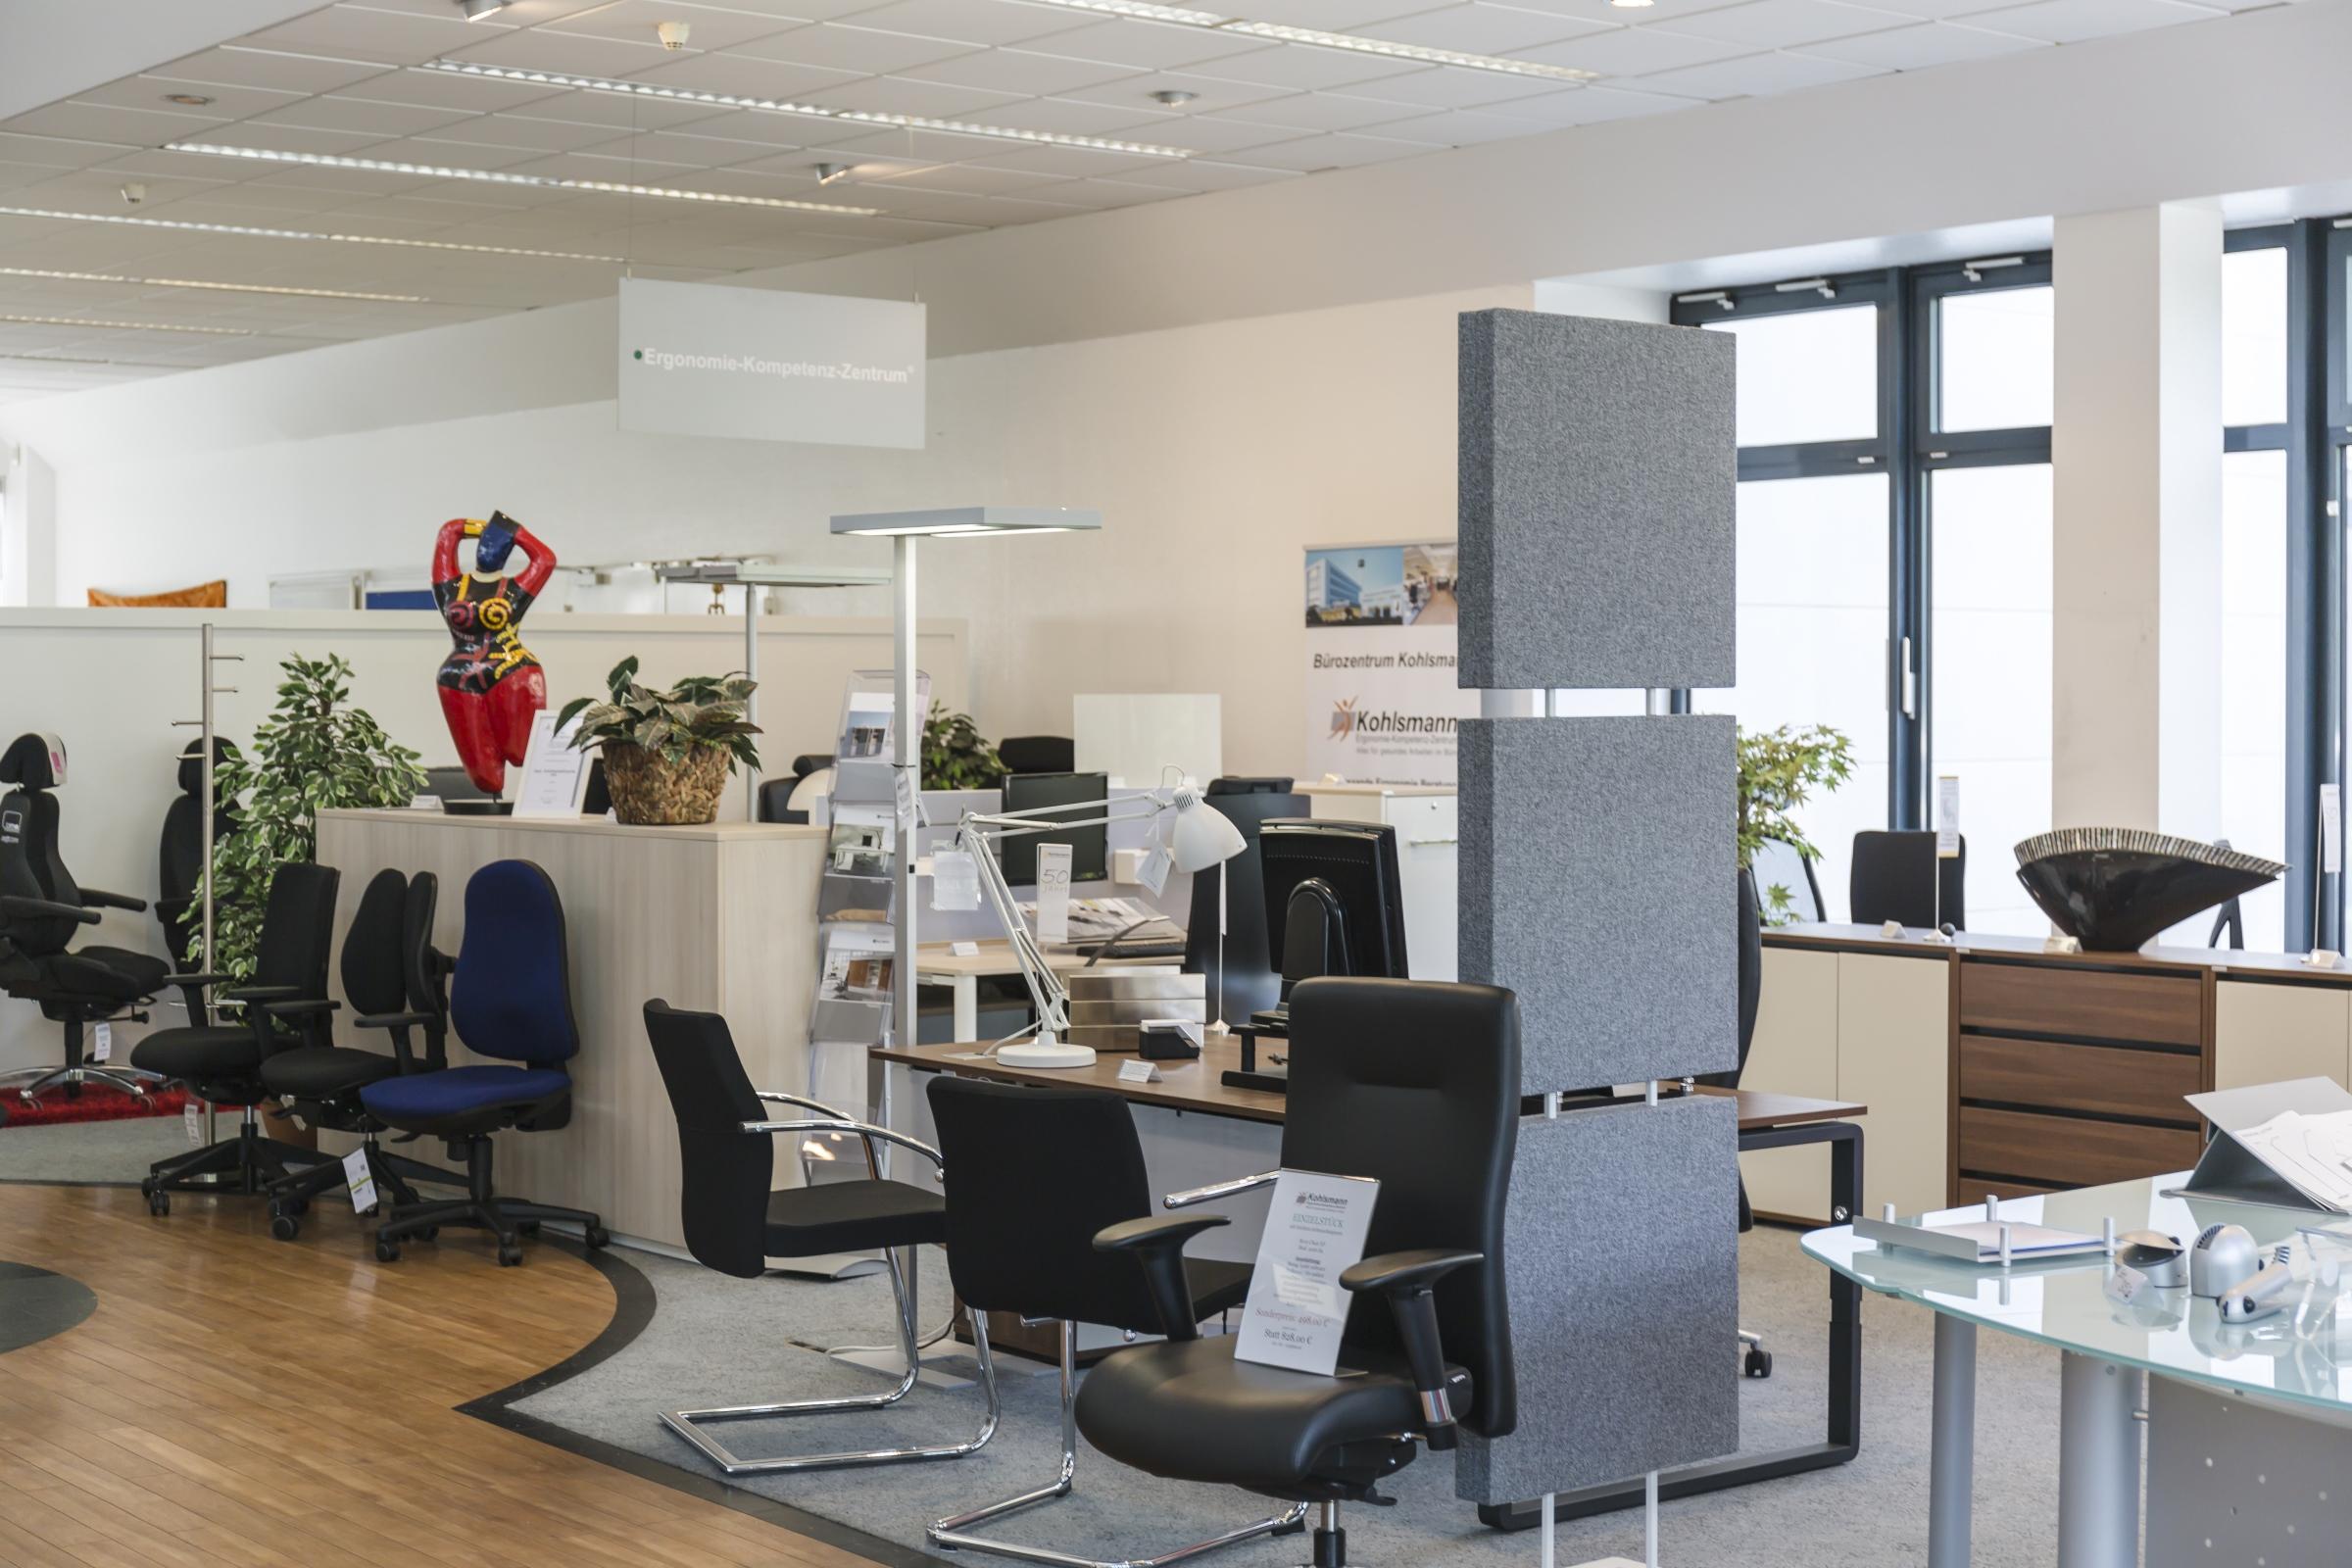 Ergonomische Büromöbel Vom Zertifizierten Fachhändler Kohlsmann